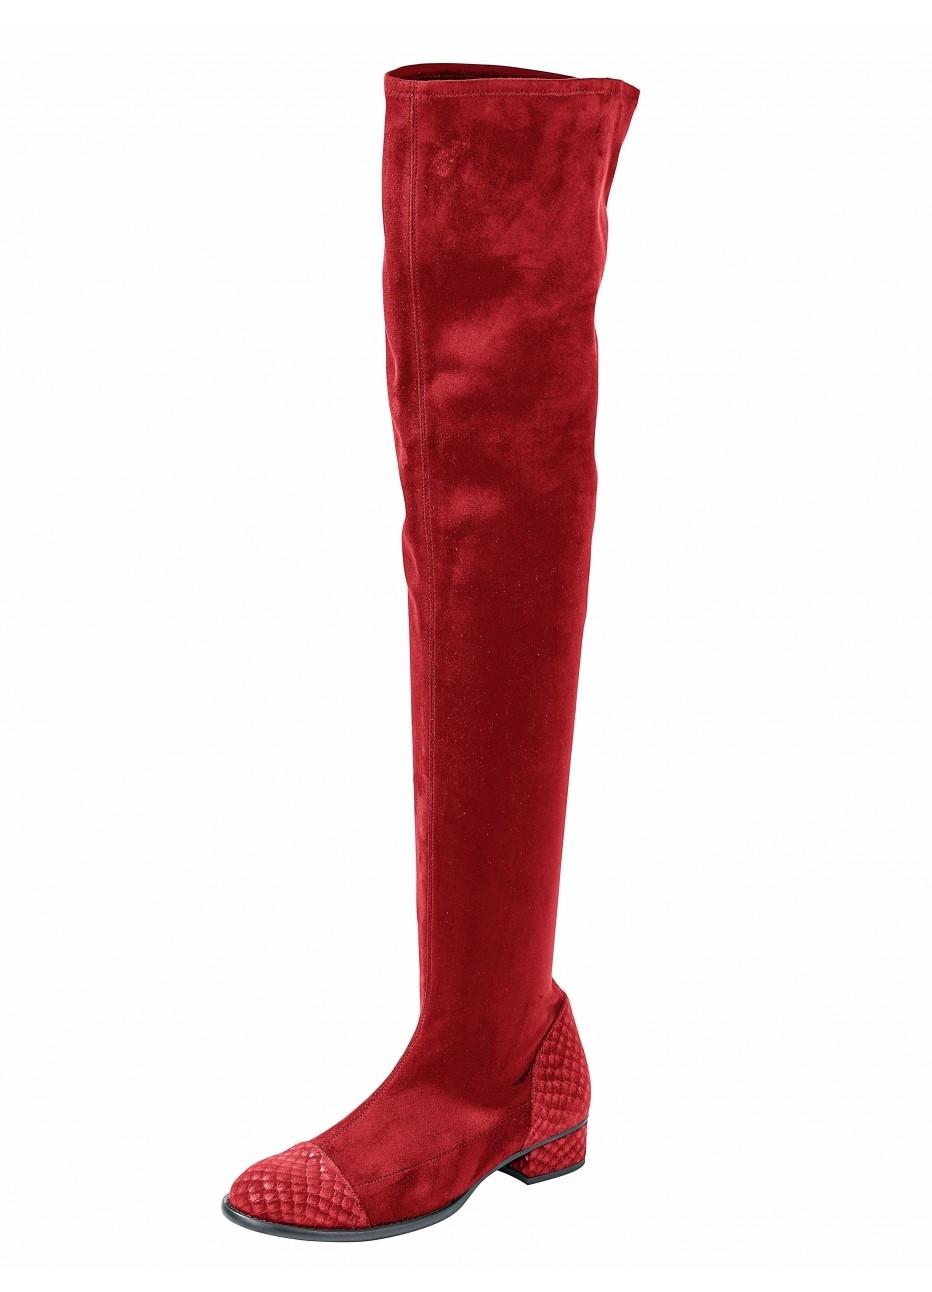 heine red boots